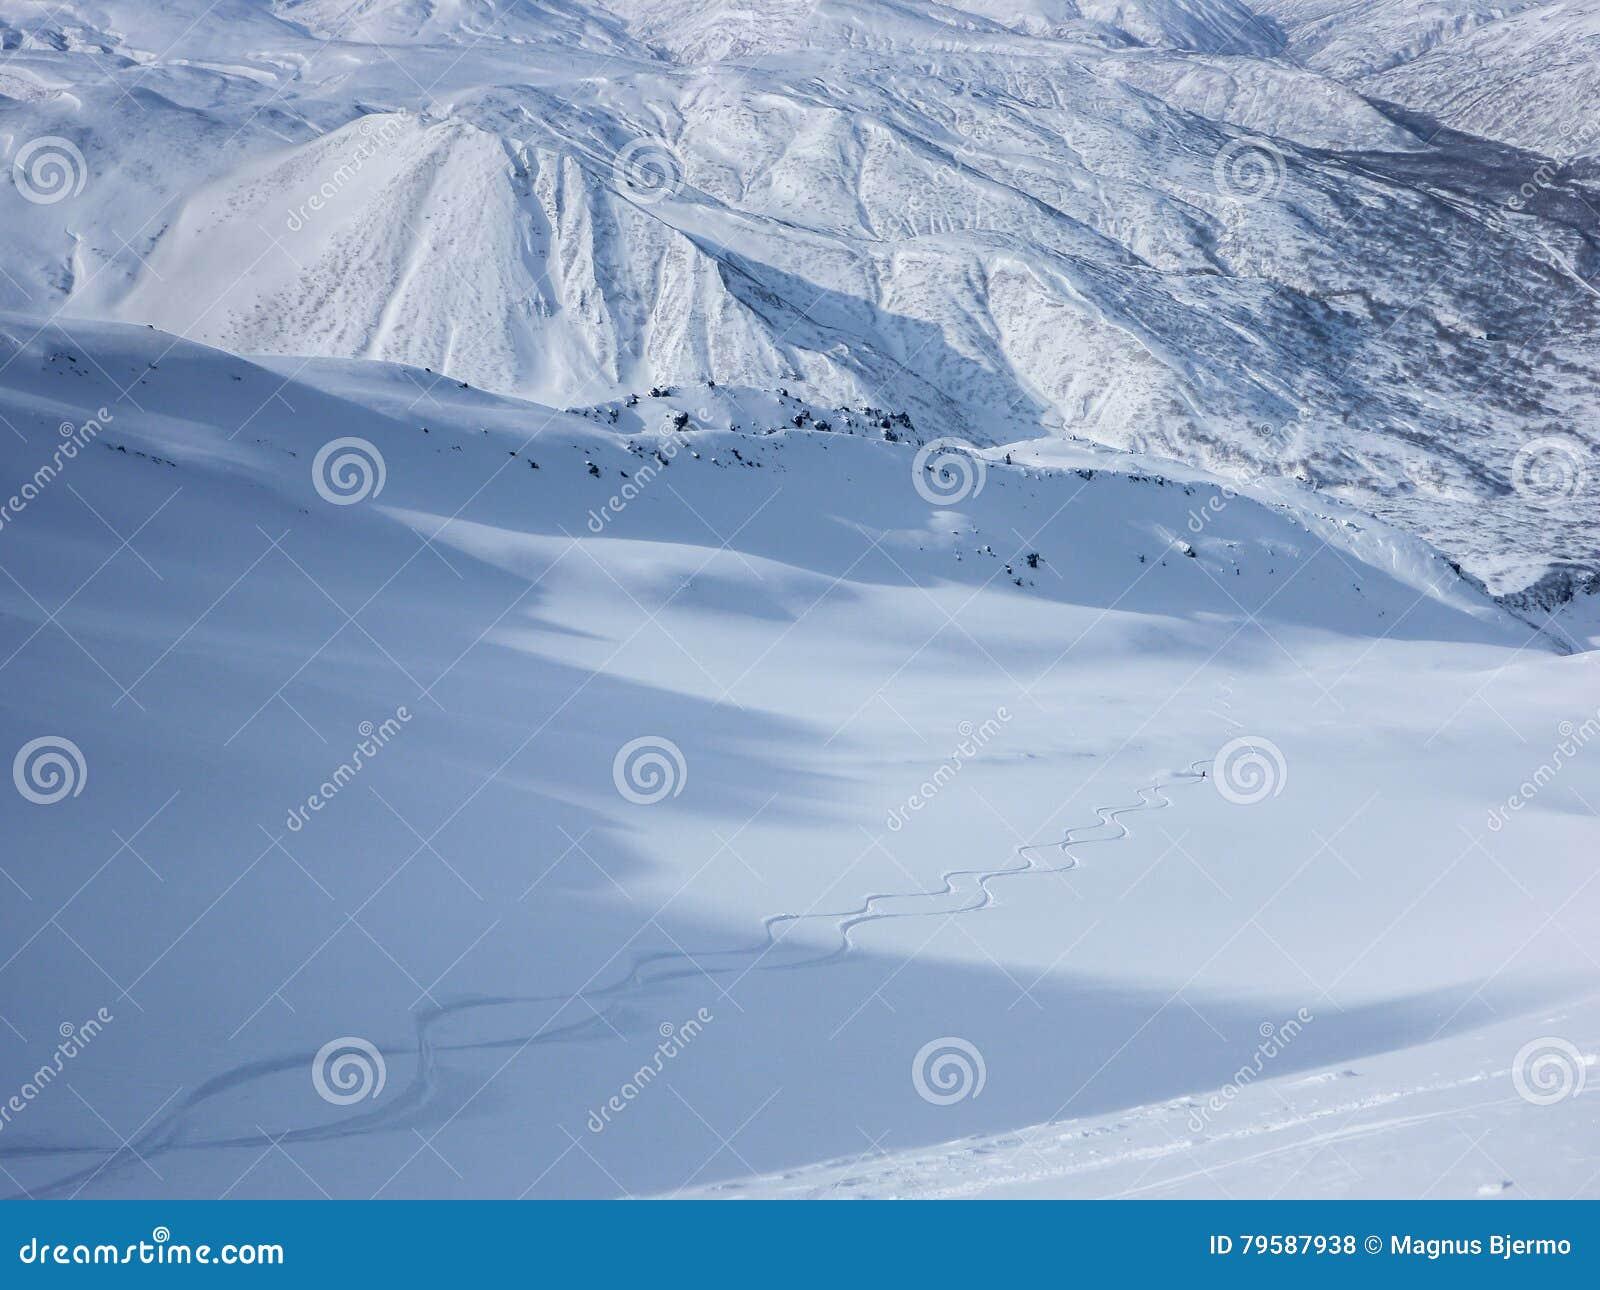 Skifahrer, der frische Bahnen im unberührten Schnee hinunter ein Tal macht